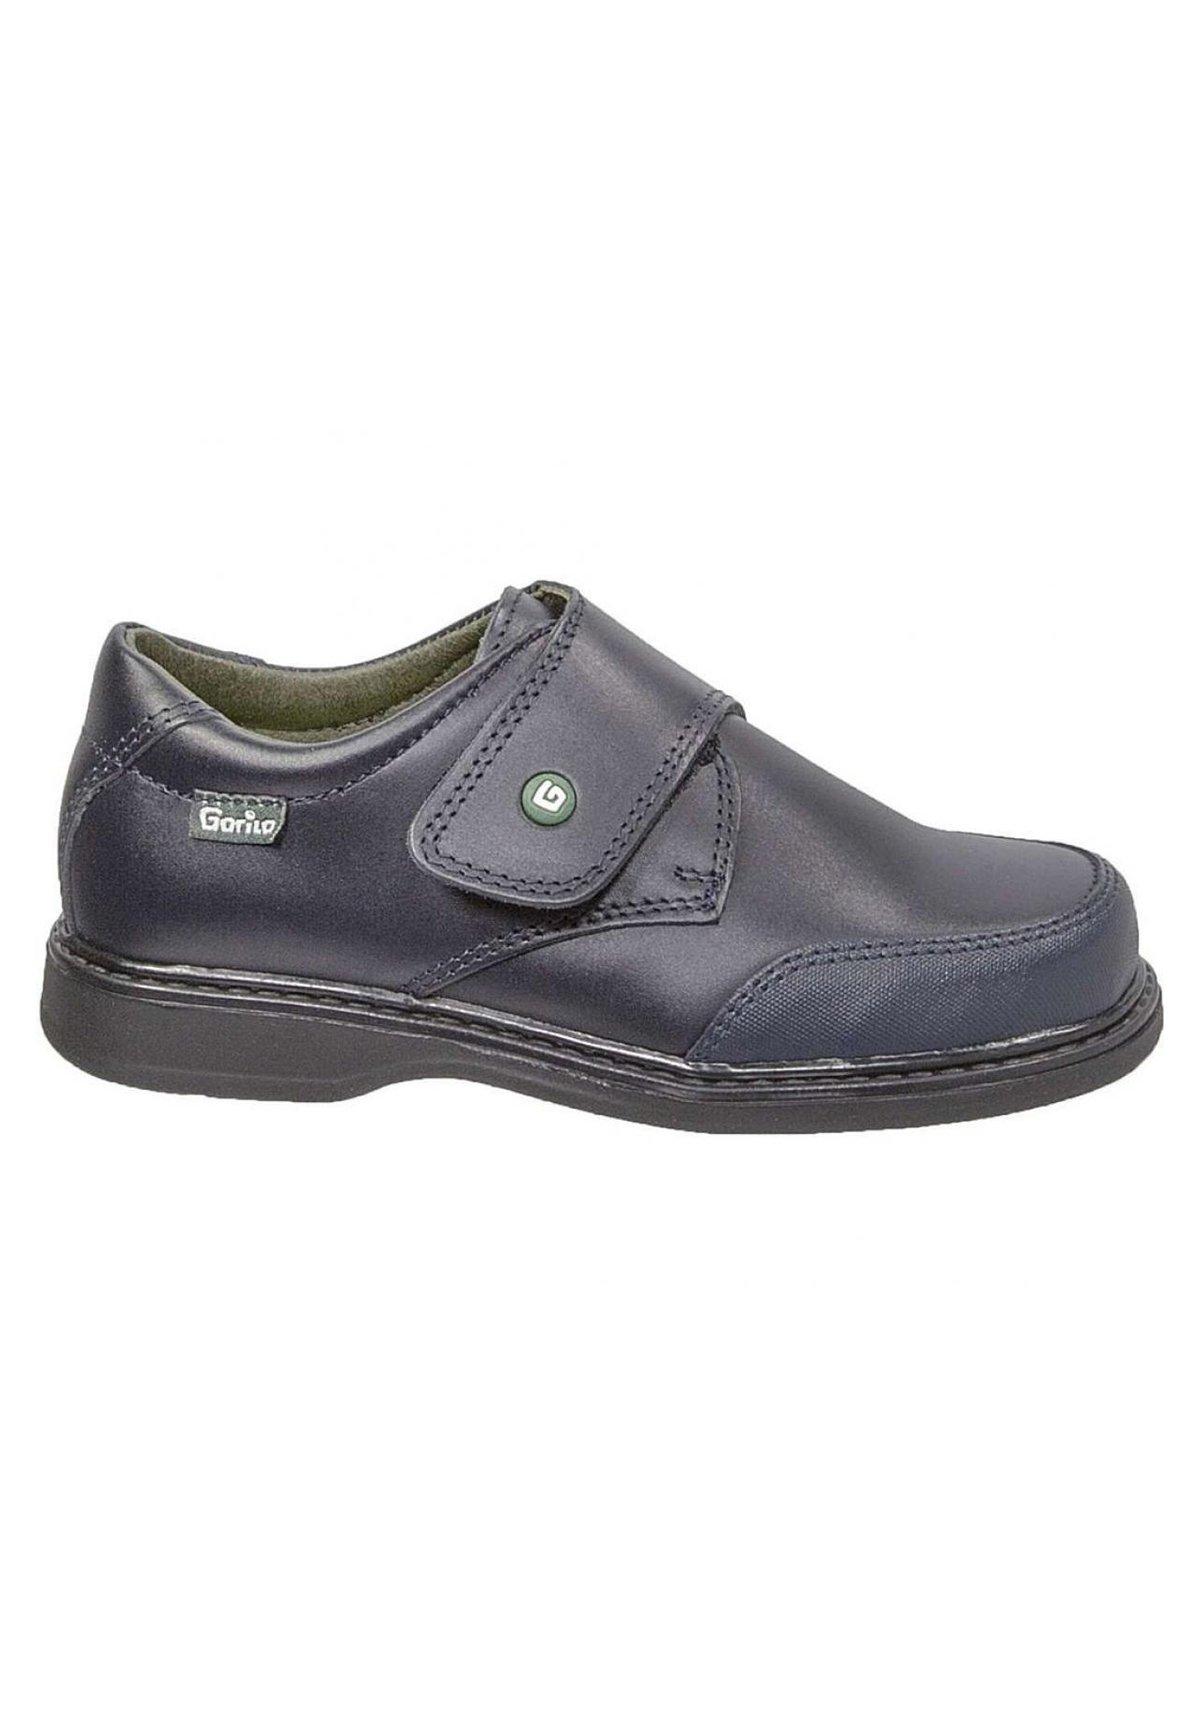 Niño GORILA 31401 MILAN MARINO - Zapatos con cierre adhesivo